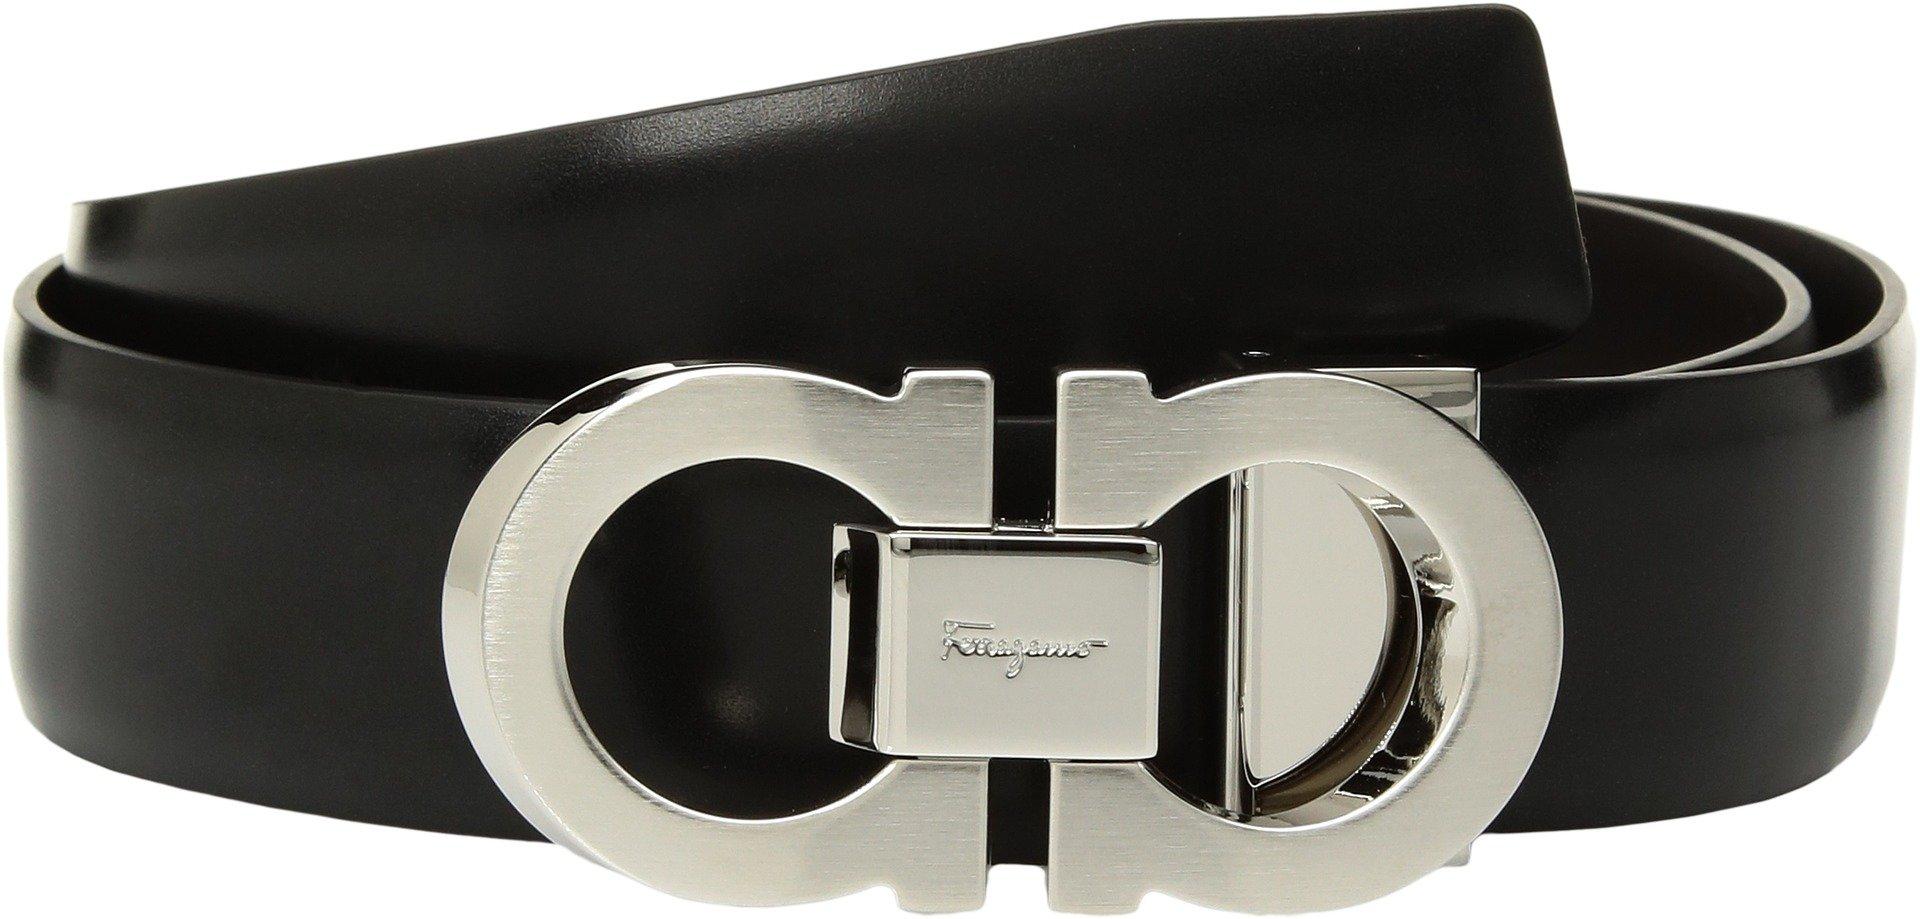 Salvatore Ferragamo  Men's Double Adjustable Belt - 679877 Nero 34